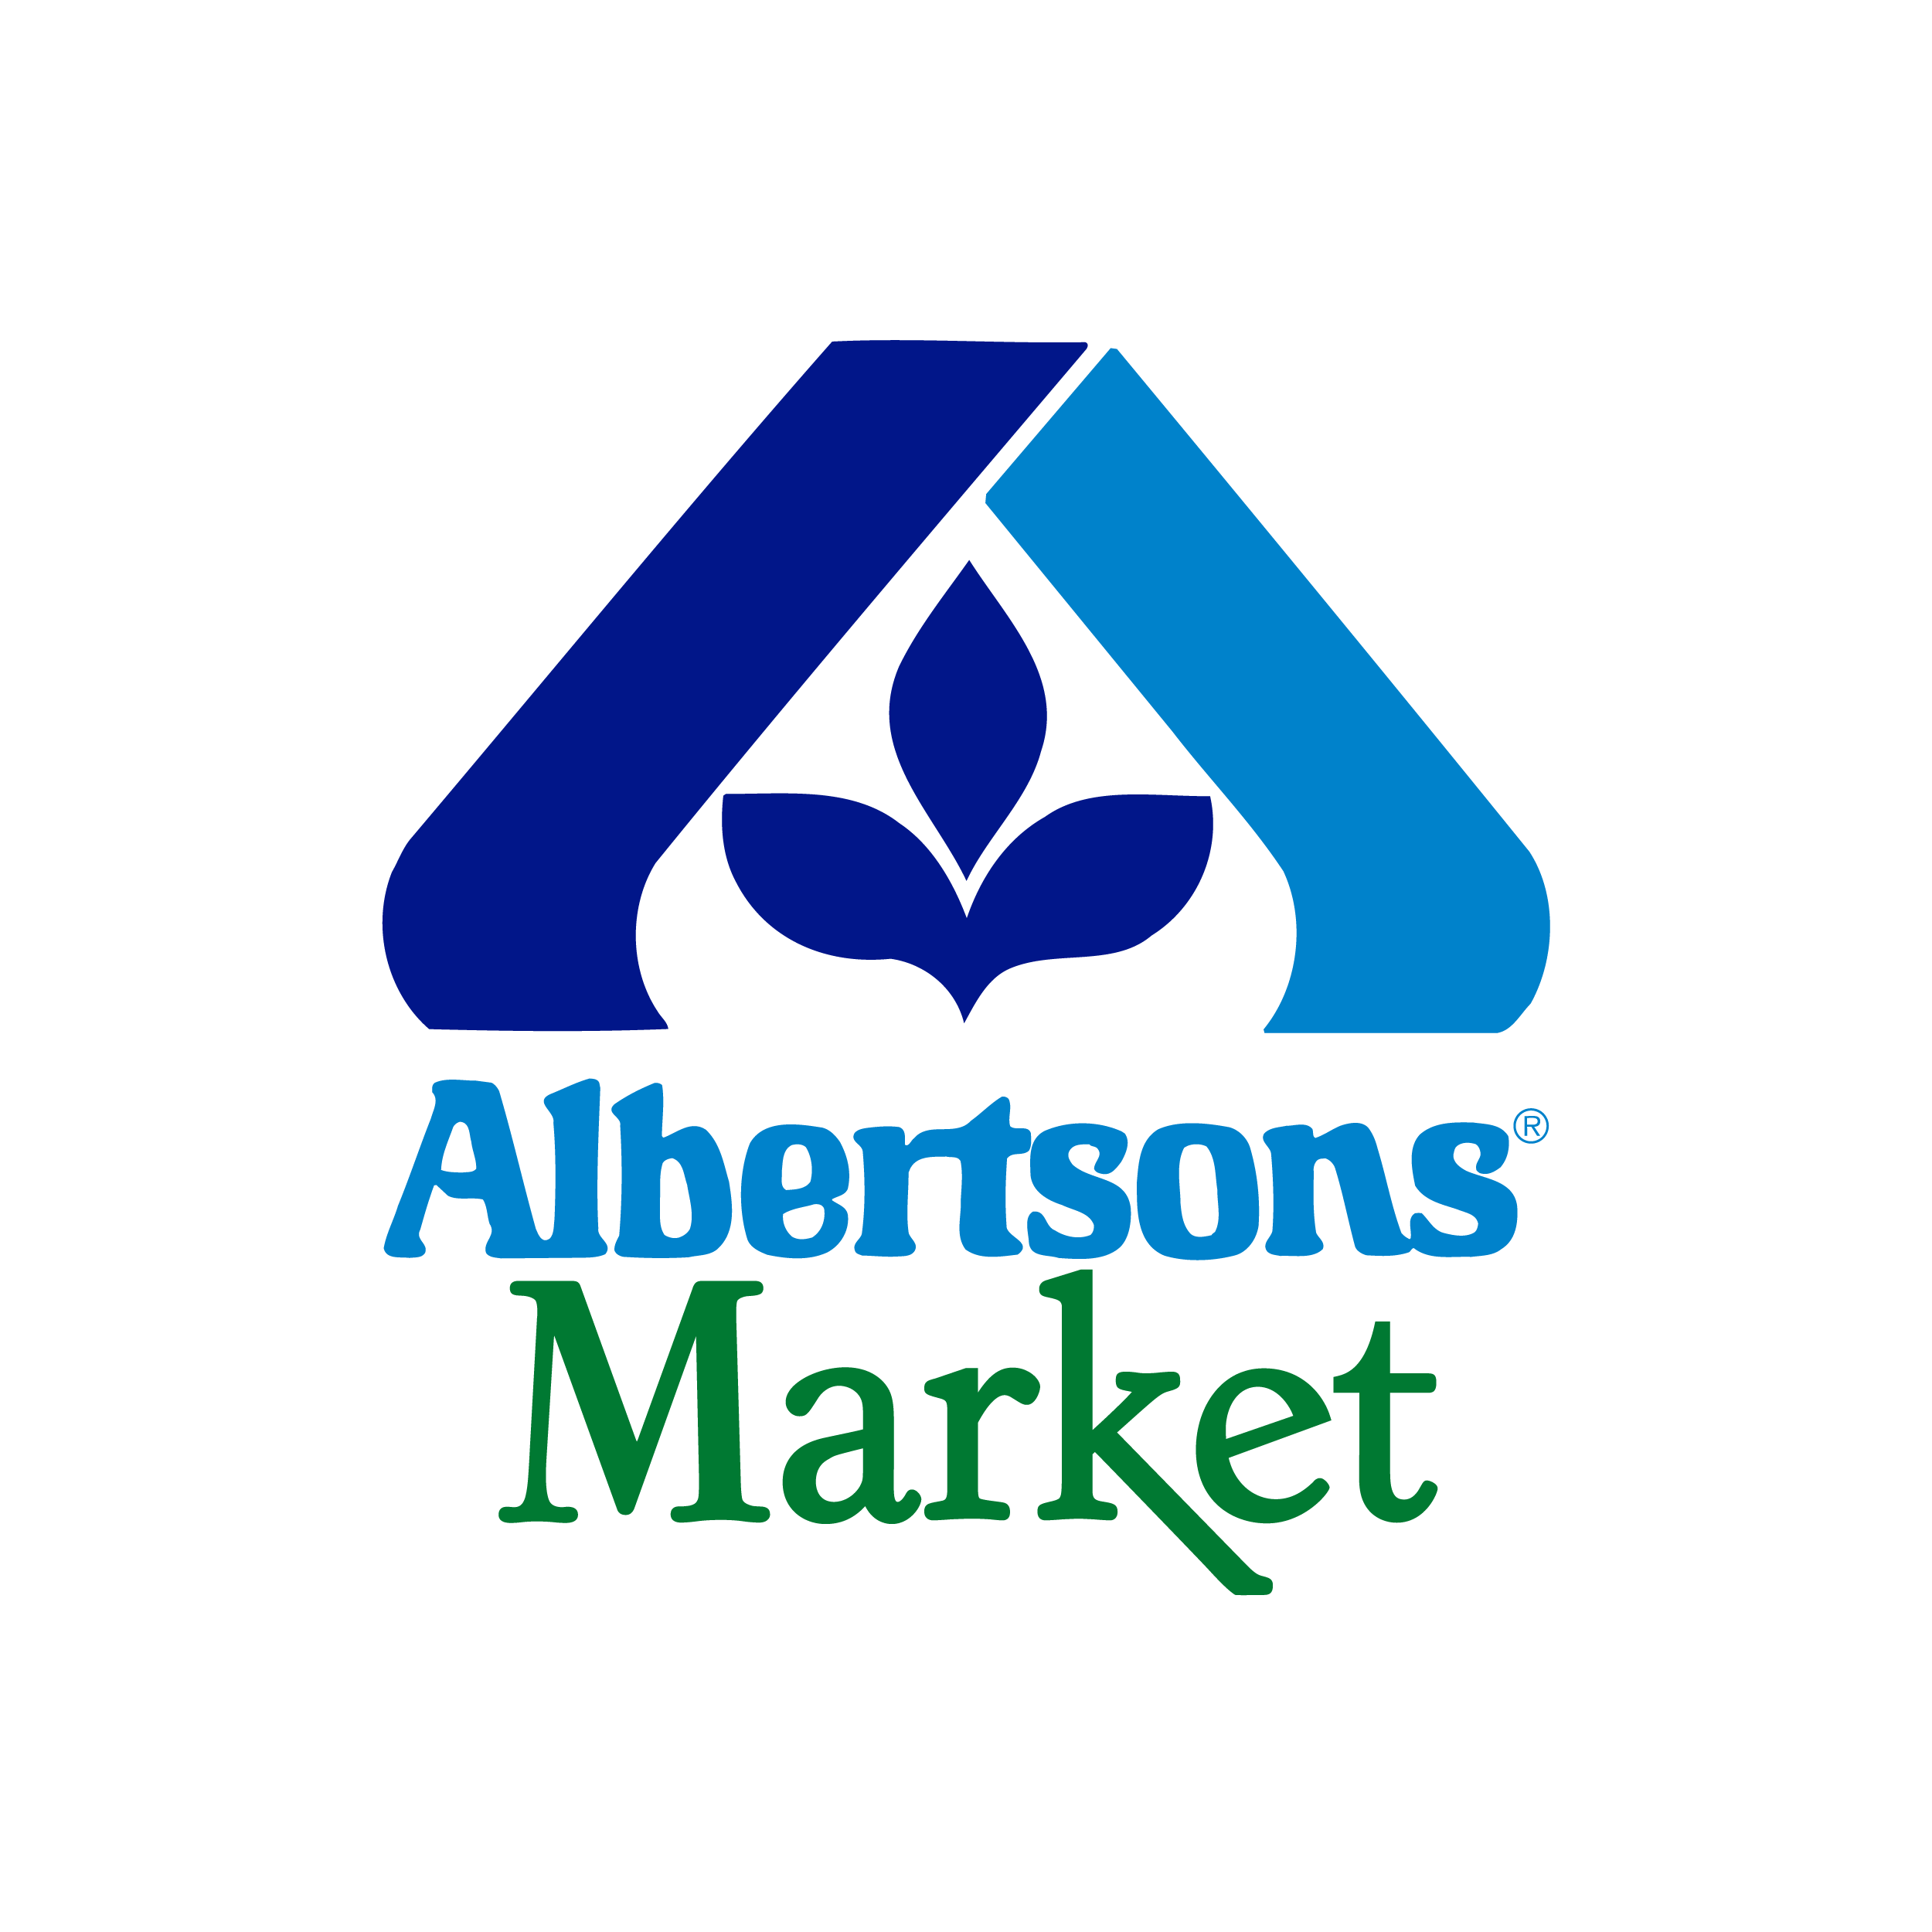 Albertsons Market - Albuquerque, NM 87122 - (505)822-8383 | ShowMeLocal.com